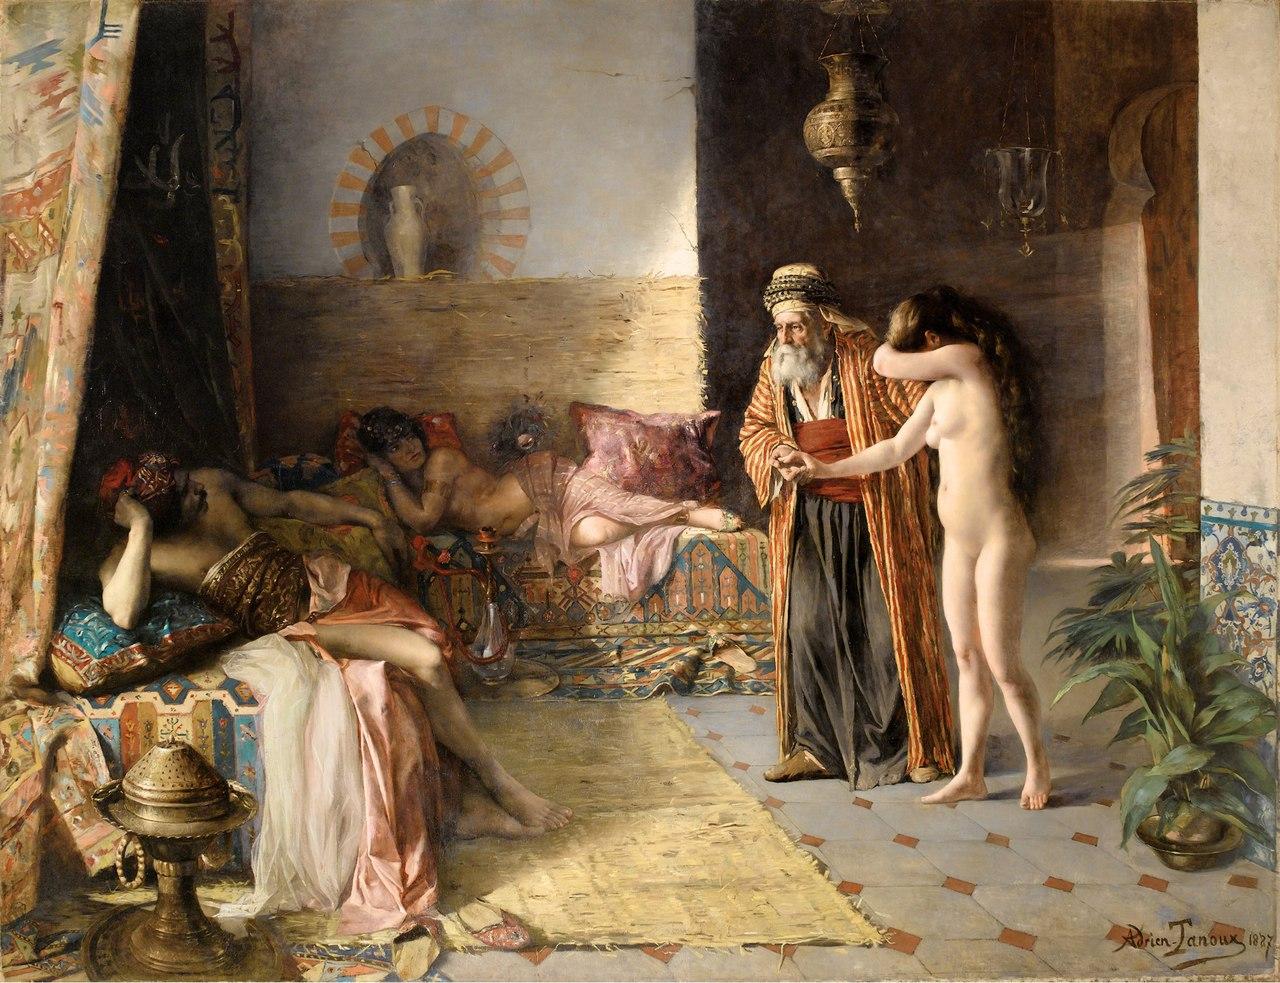 Рабыни картинки рисунки фото, История искусств: Торговля голыми рабынями на Востоке 28 фотография